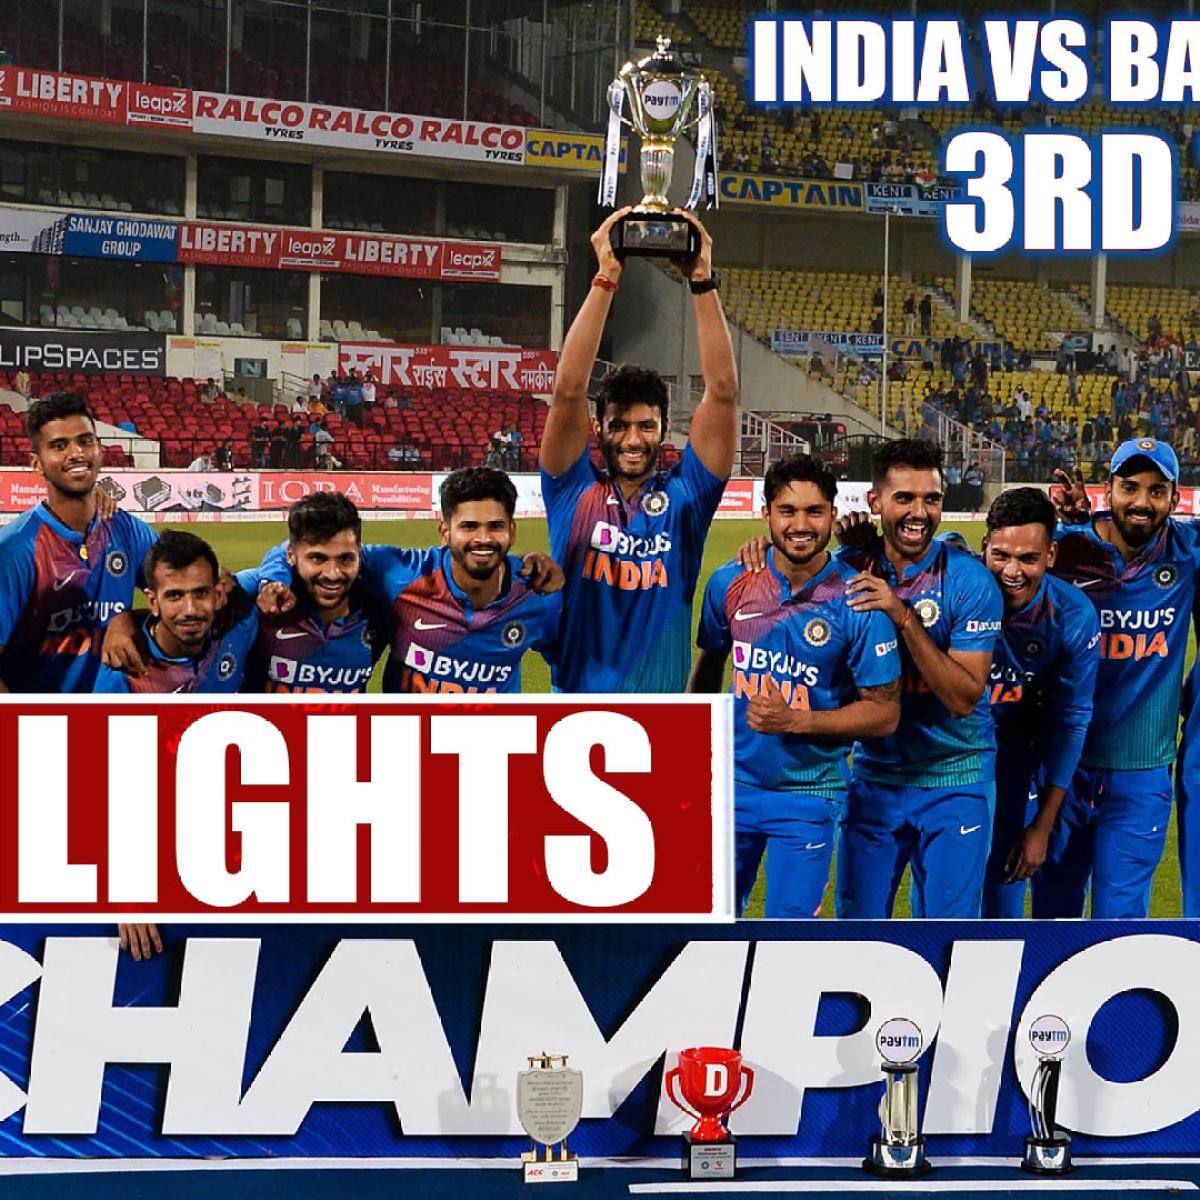 India vs Bang 3rd T20 Highlights: India Slays Bangladesh To Win Series 2-1